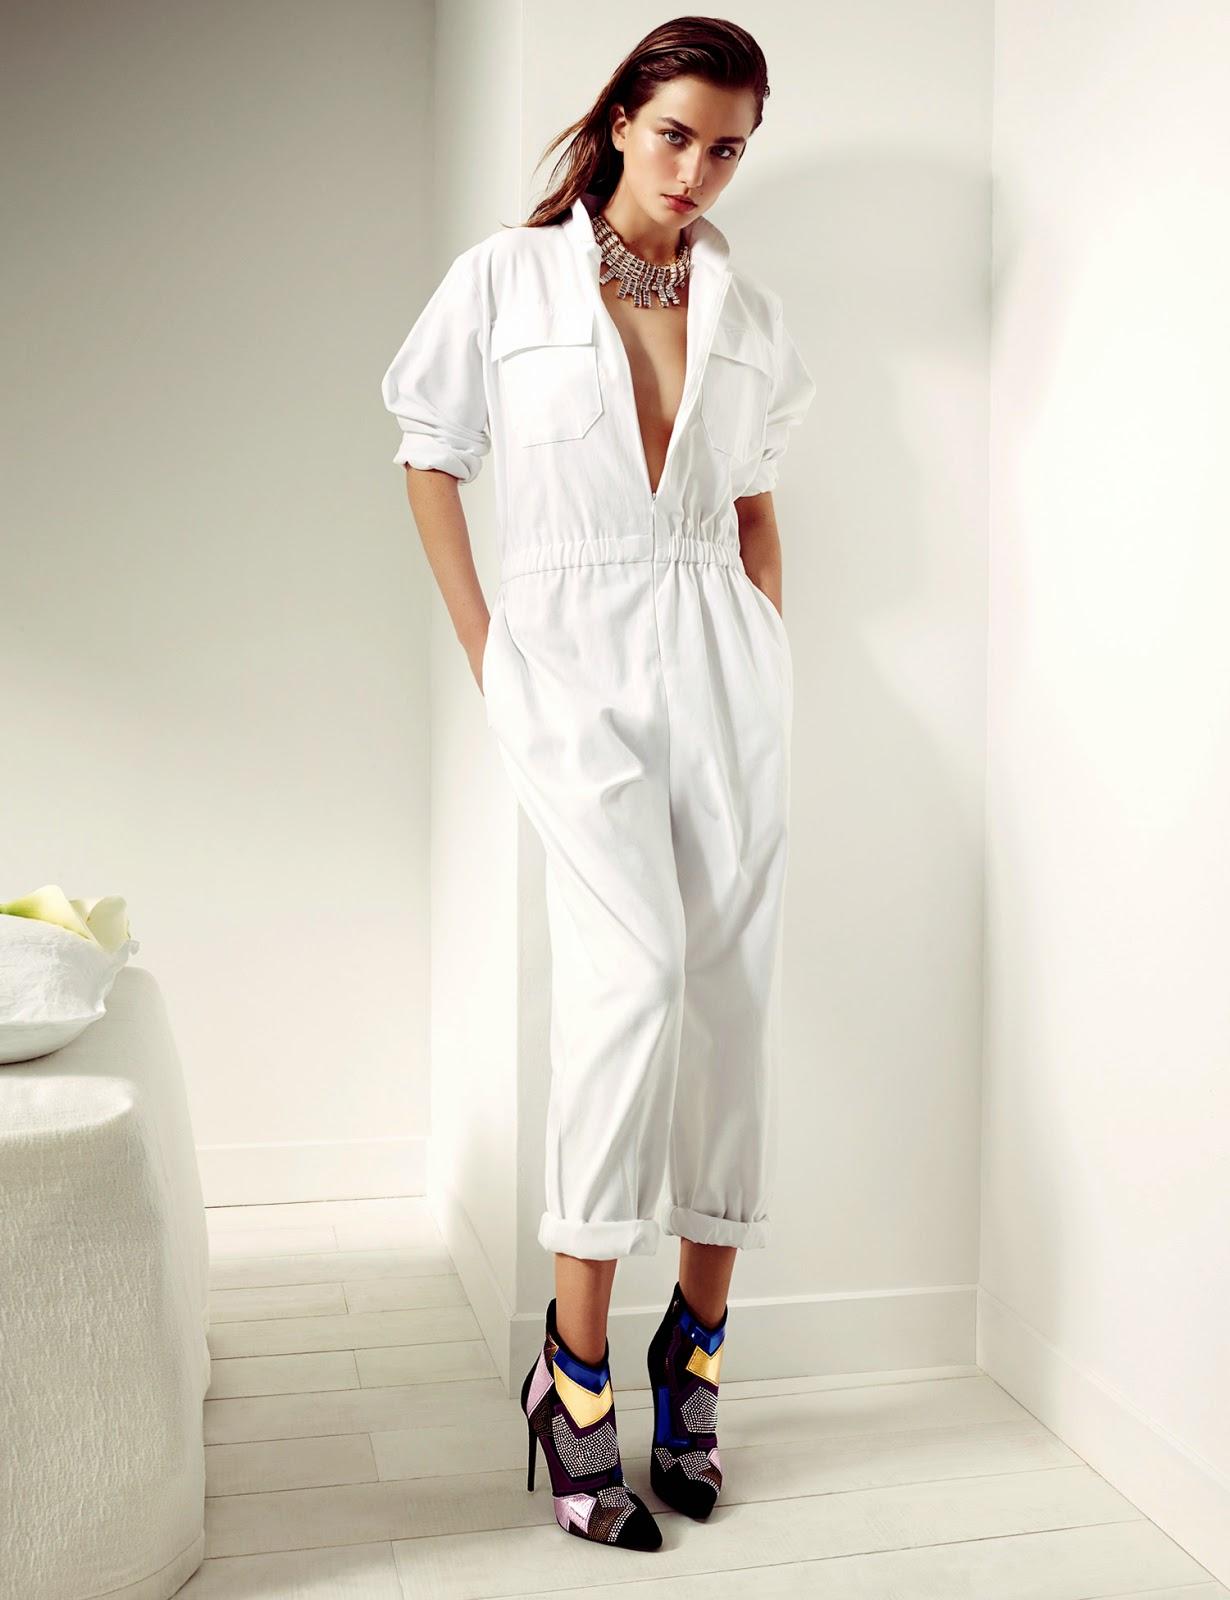 Andreea Diaconu for Giuseppe Zanotti FallWinter 2014-15 Campaign (1)